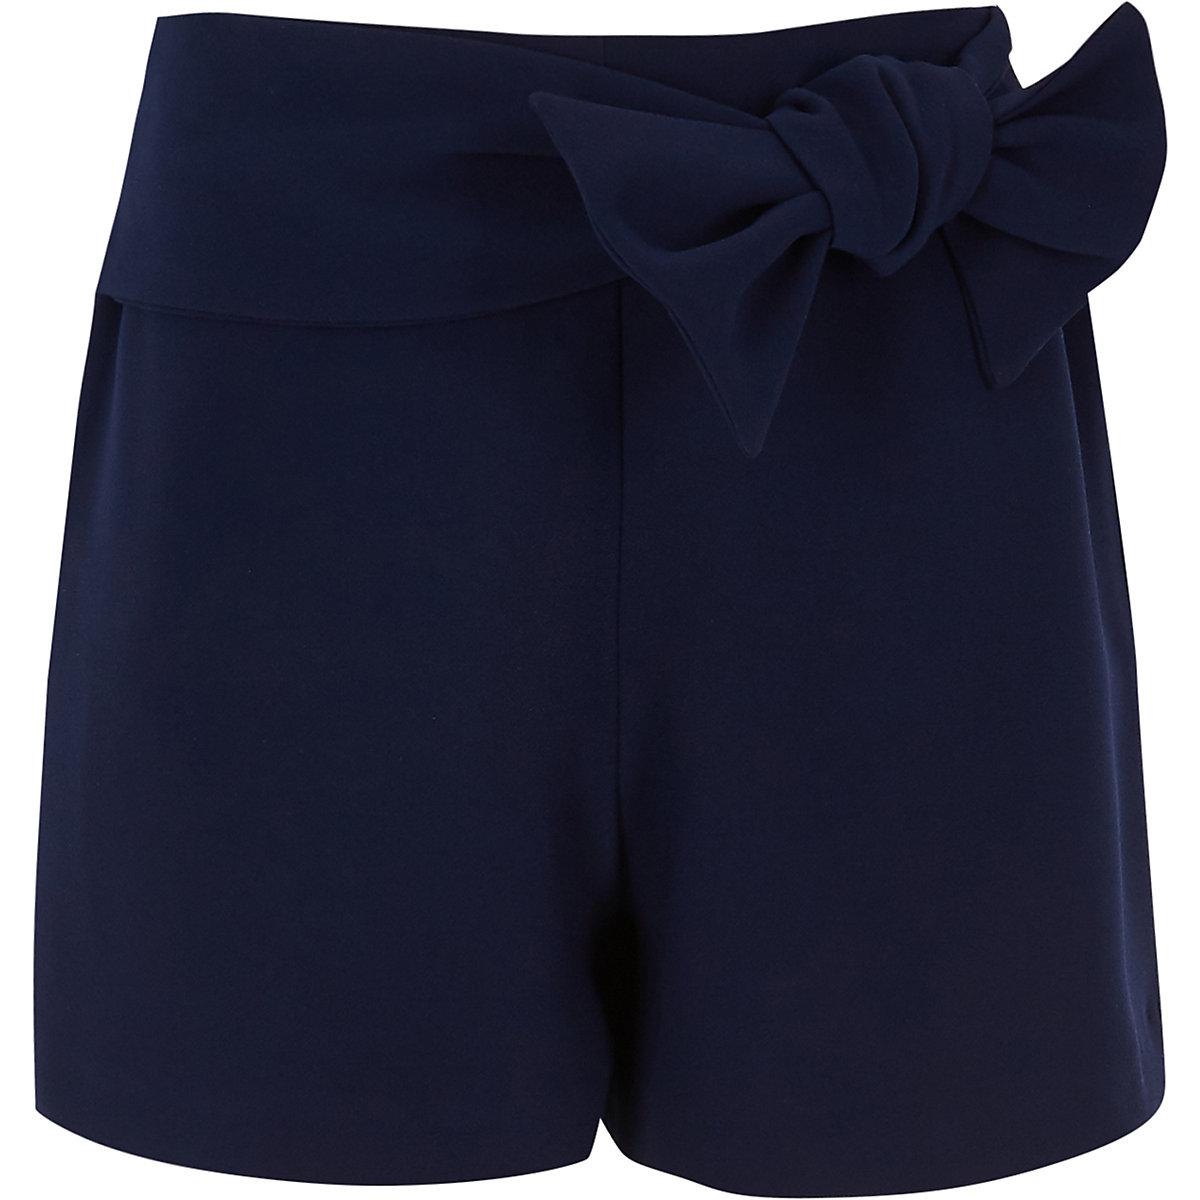 Short bleu marine avec nœud devant pour fille